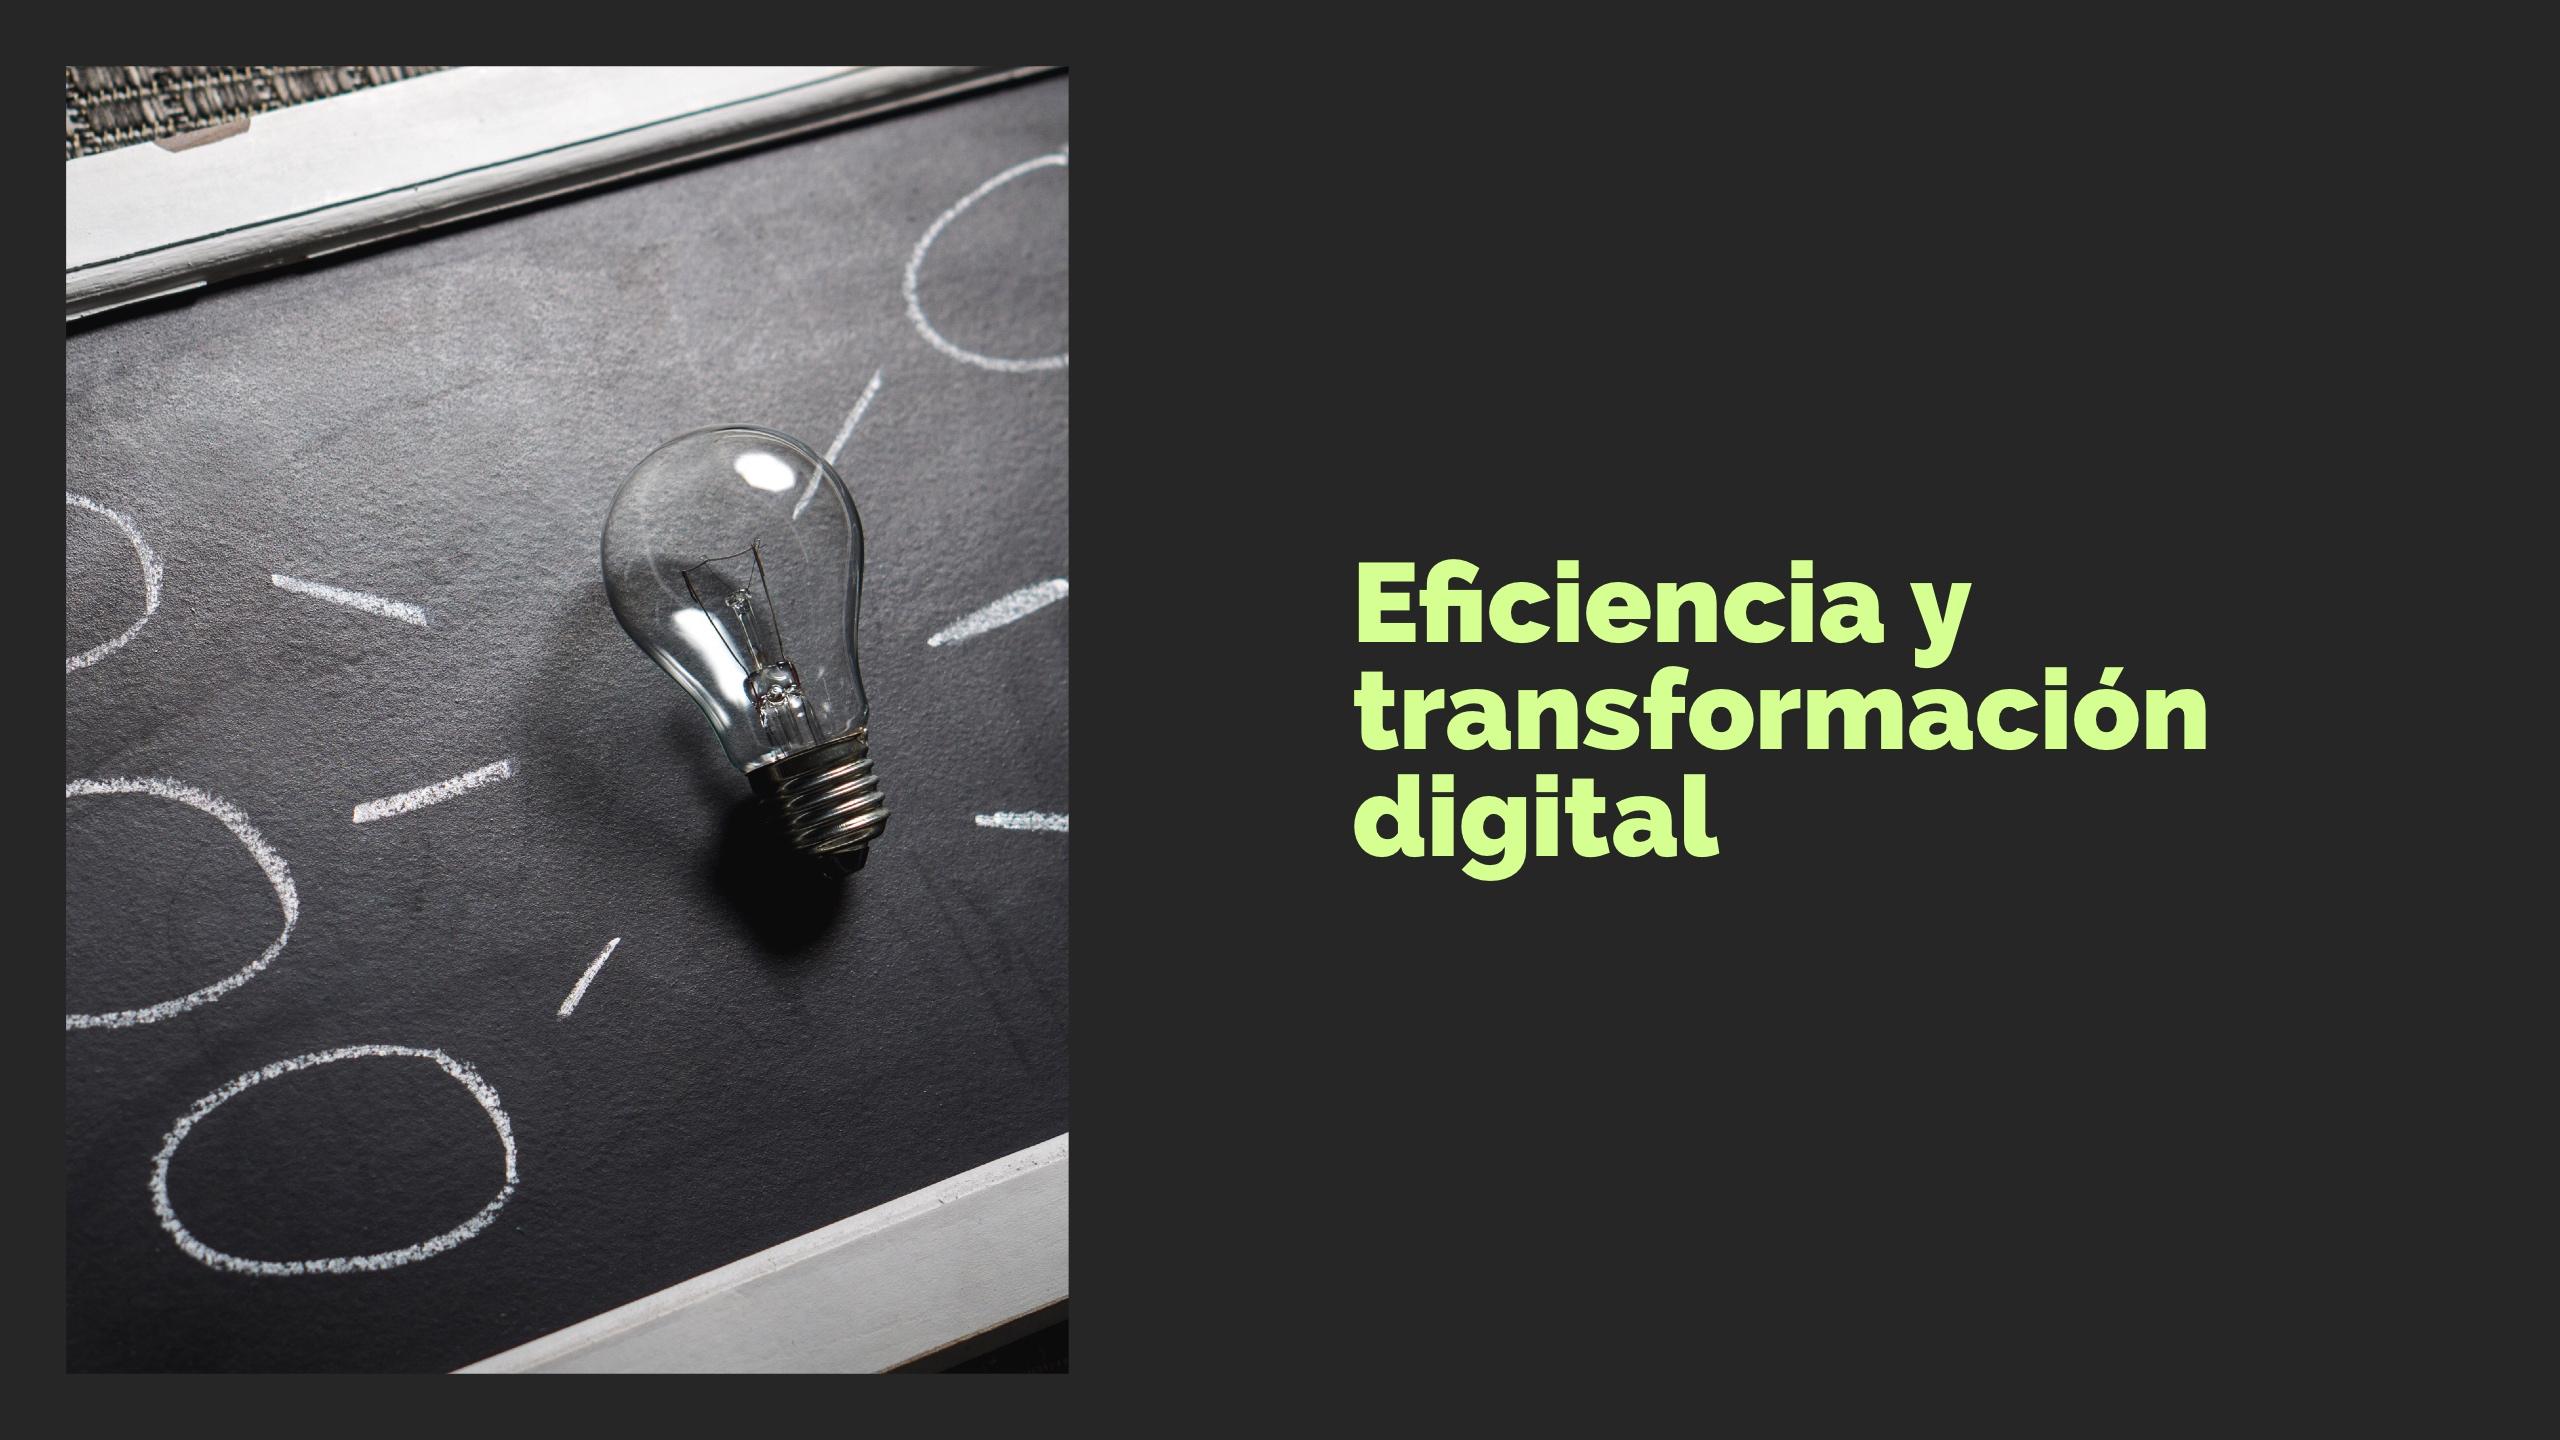 Sobre eficiencia y sus efectos en la transformación digital | TECHcetera